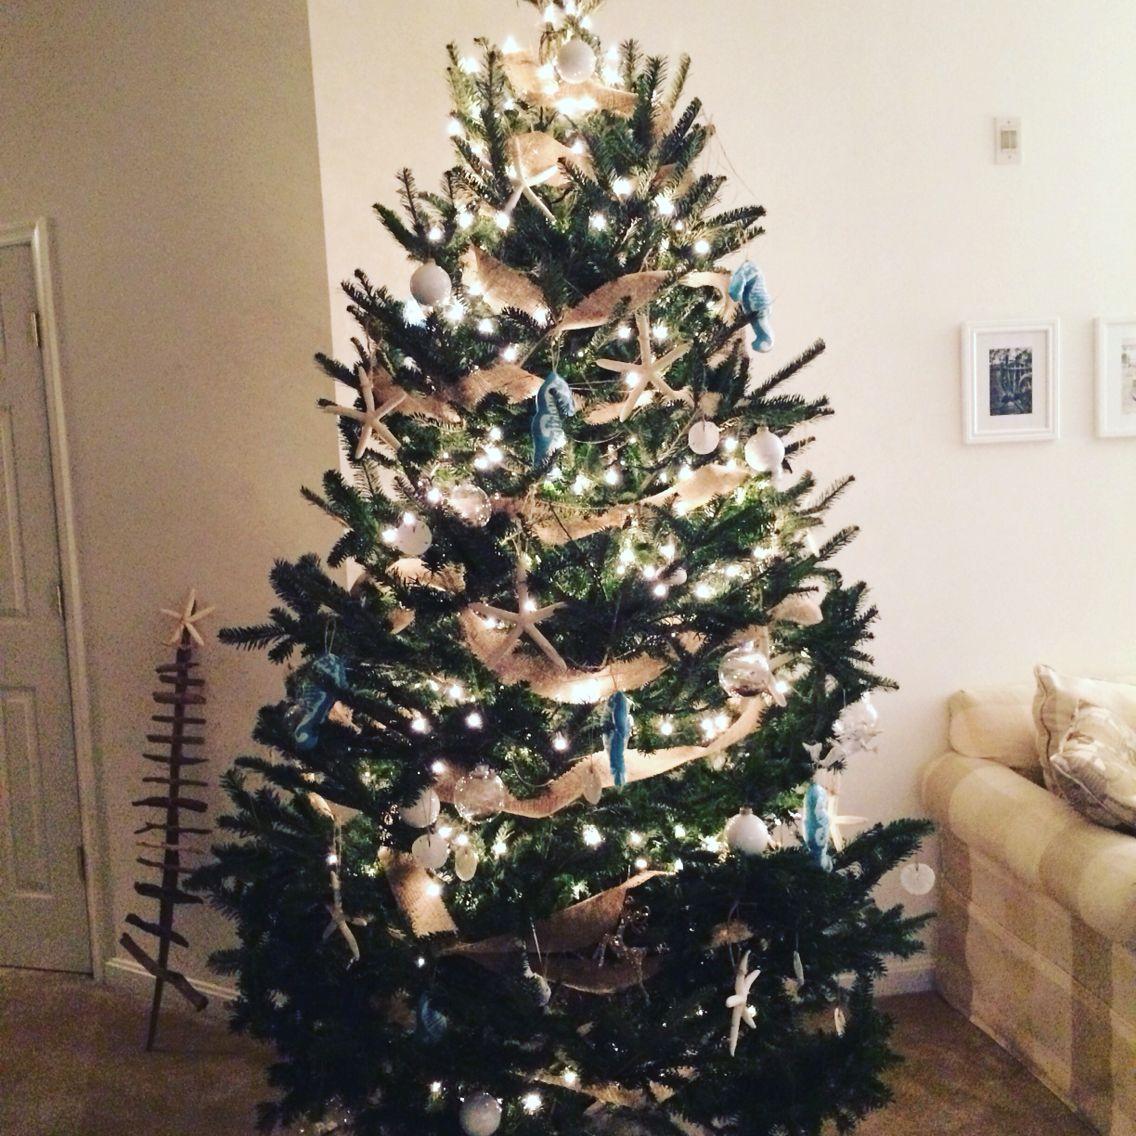 #handmadechristmas